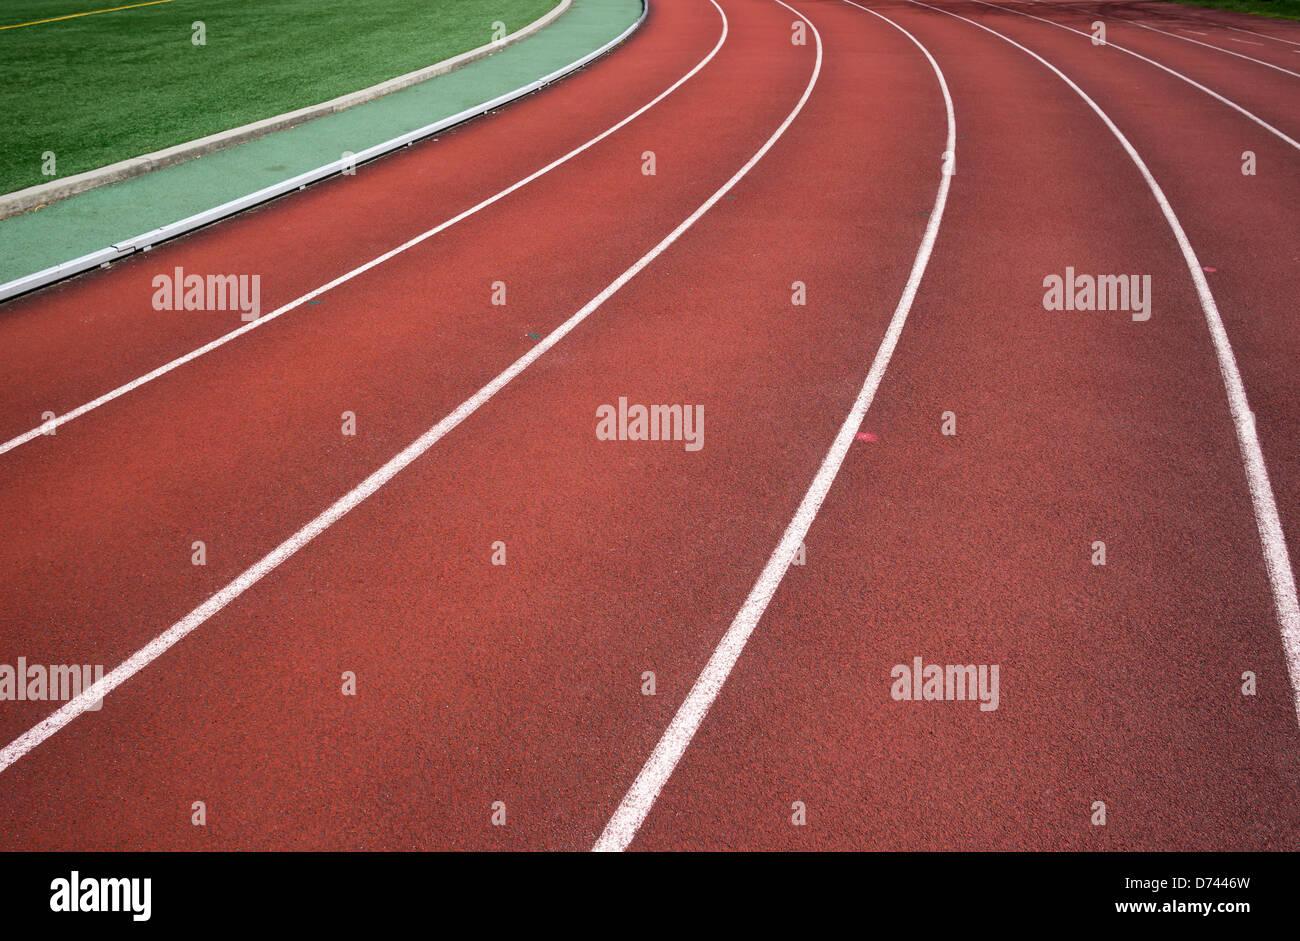 Pista di atletica leggera Immagini Stock